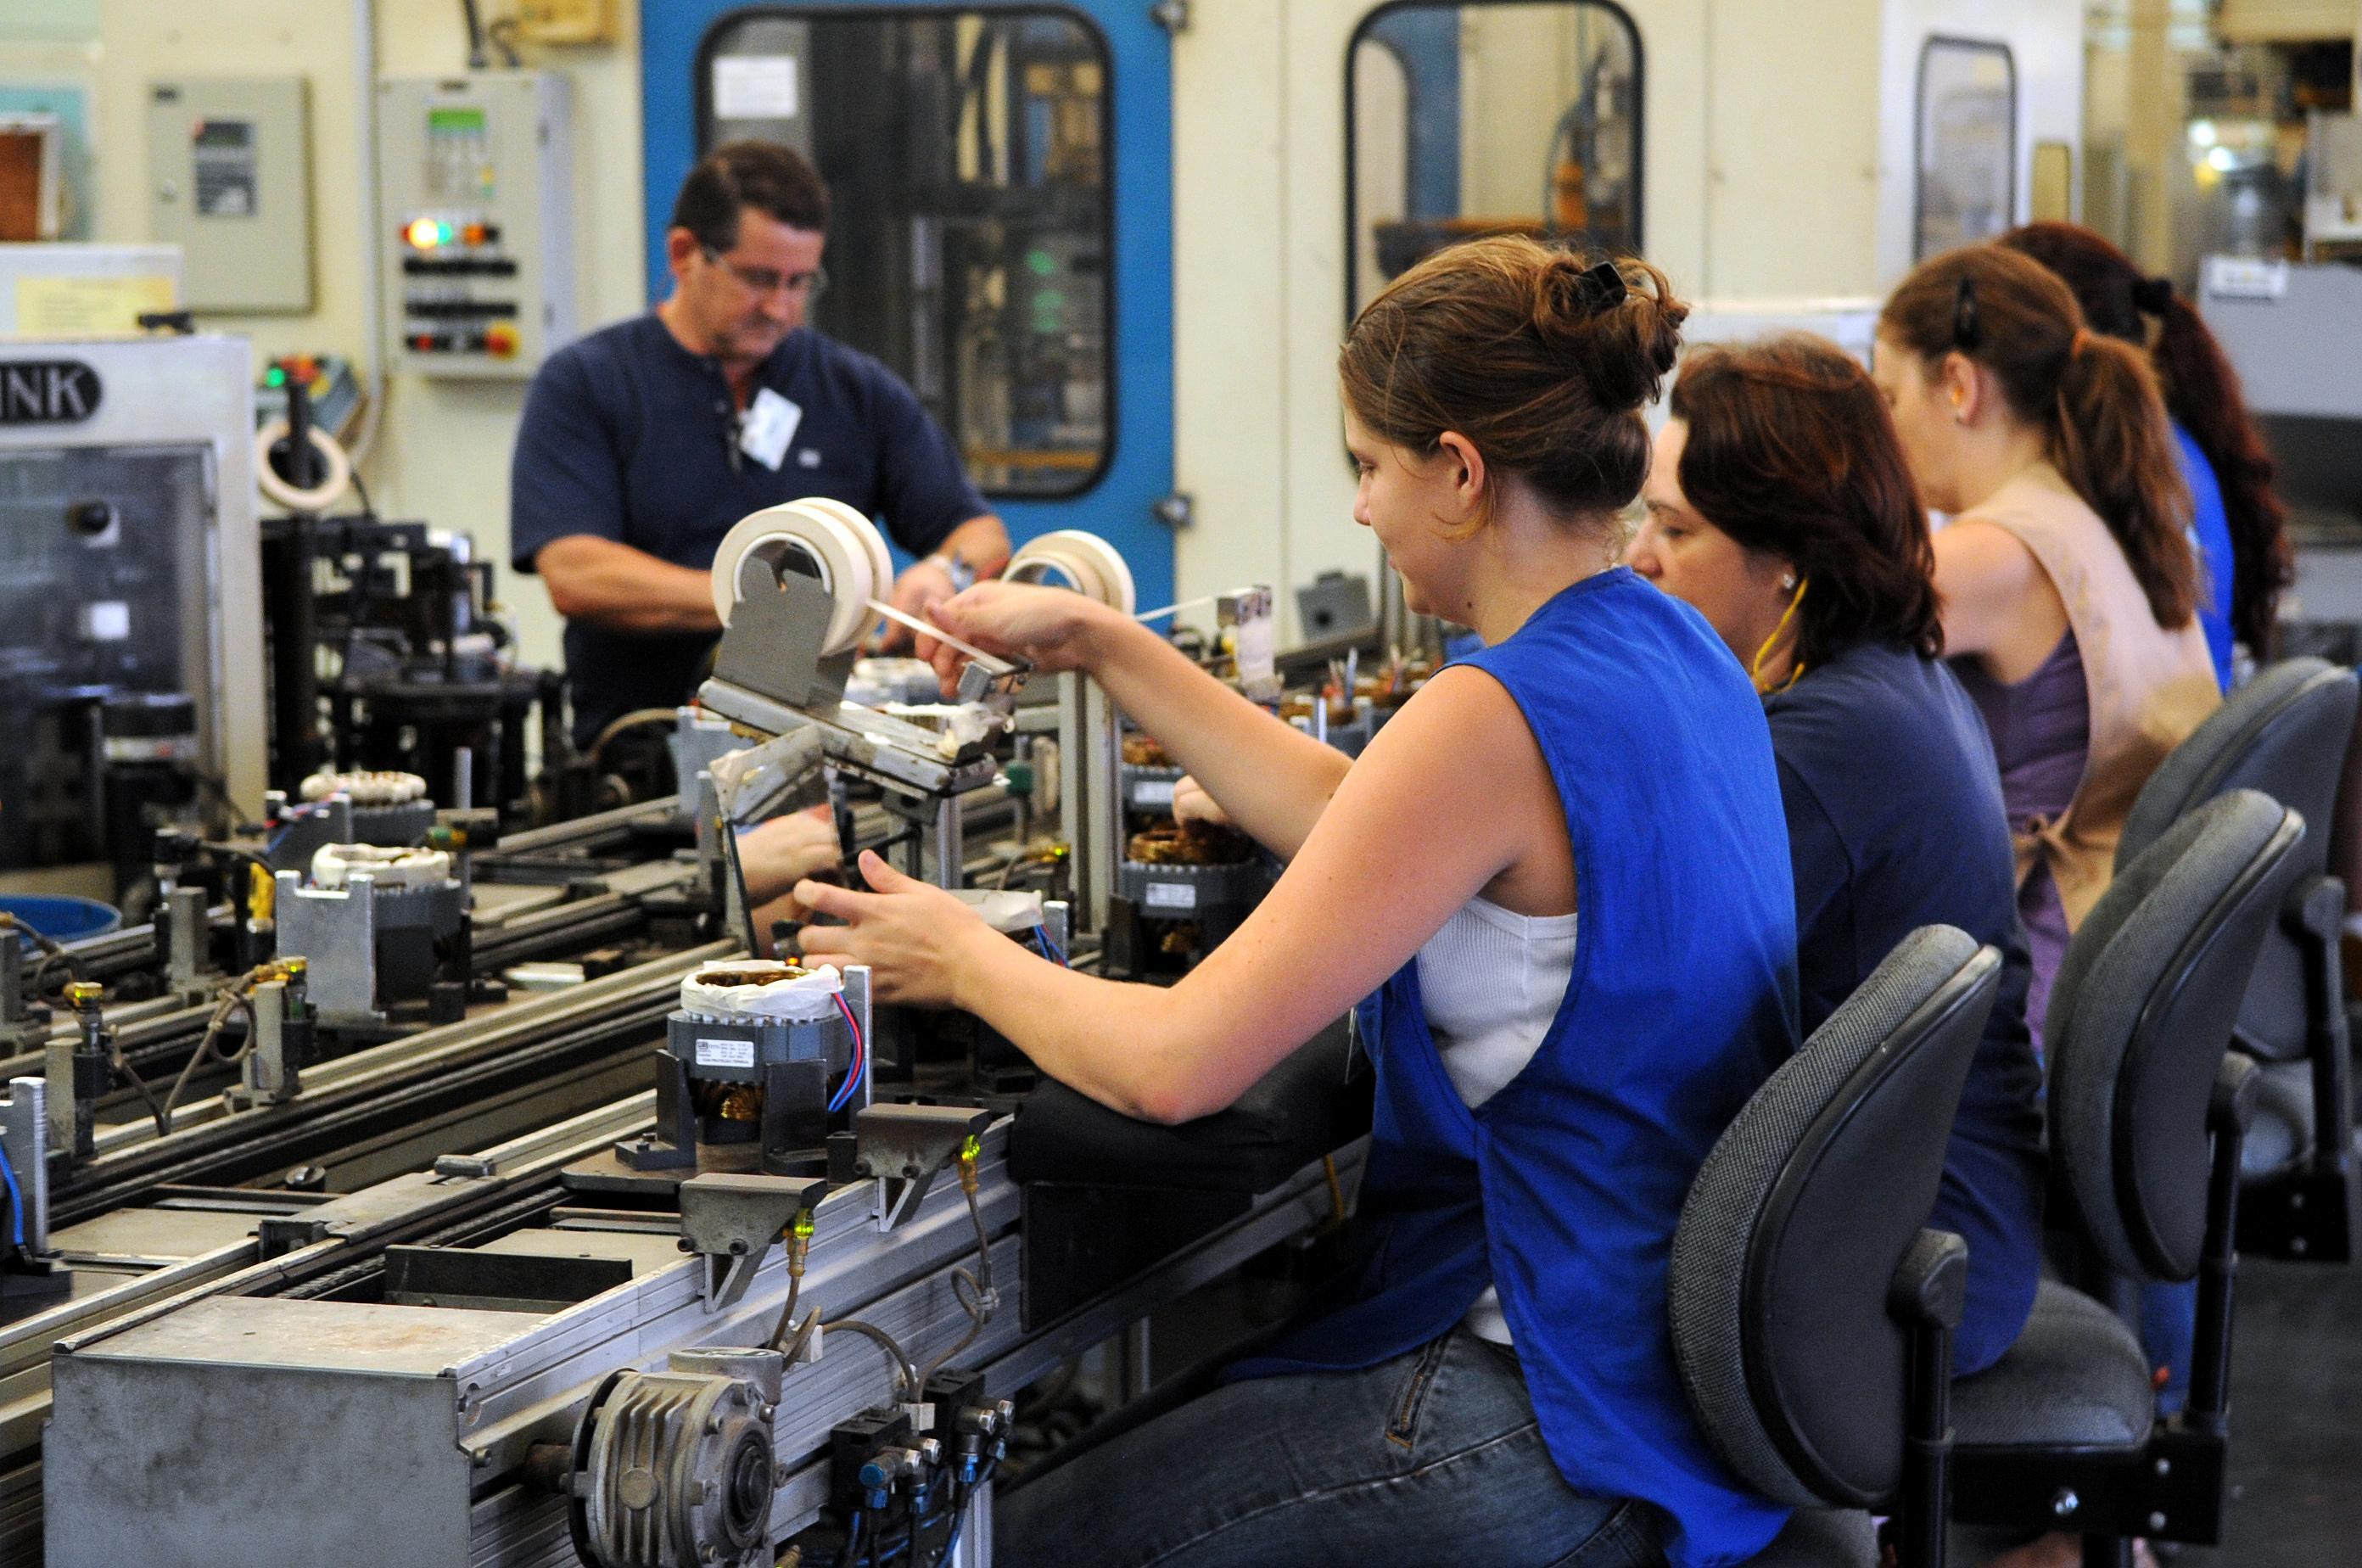 A agência prevê que a taxa média de desemprego, que no final de 2019 era de 8,1%, crescerá entre 4 e 5 pontos